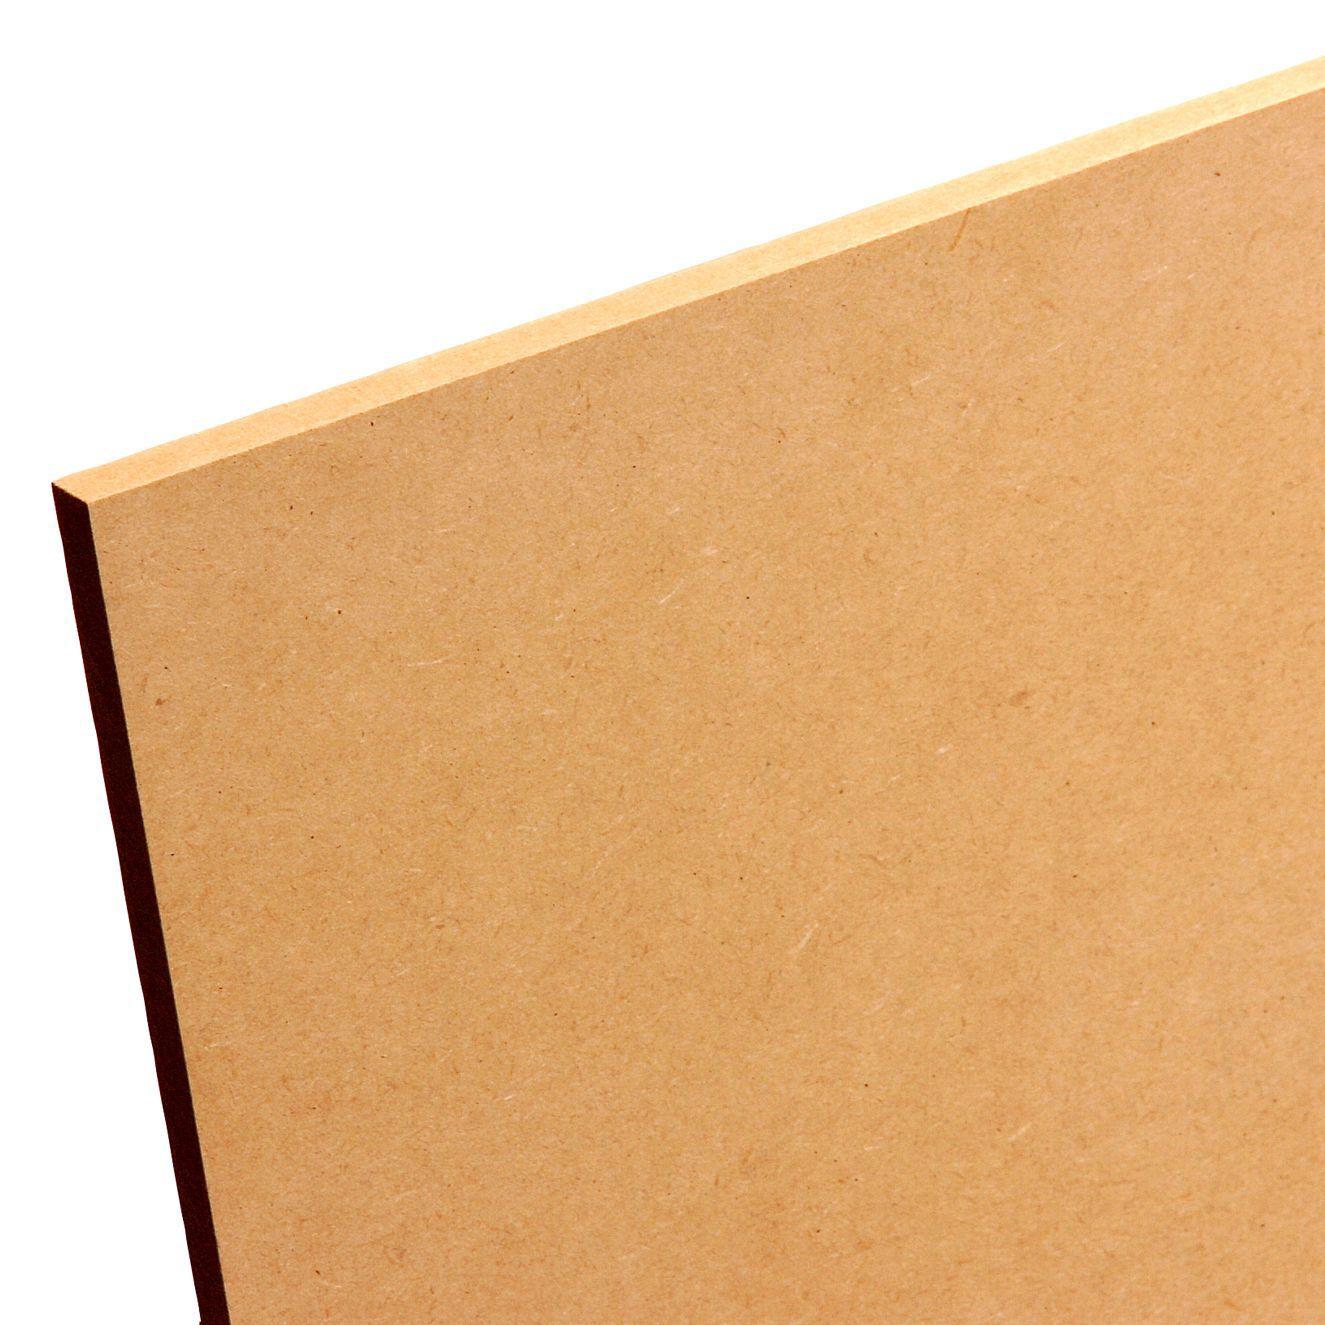 Mdf Board Th 12mm W 1220mm L 2440mm Departments Diy